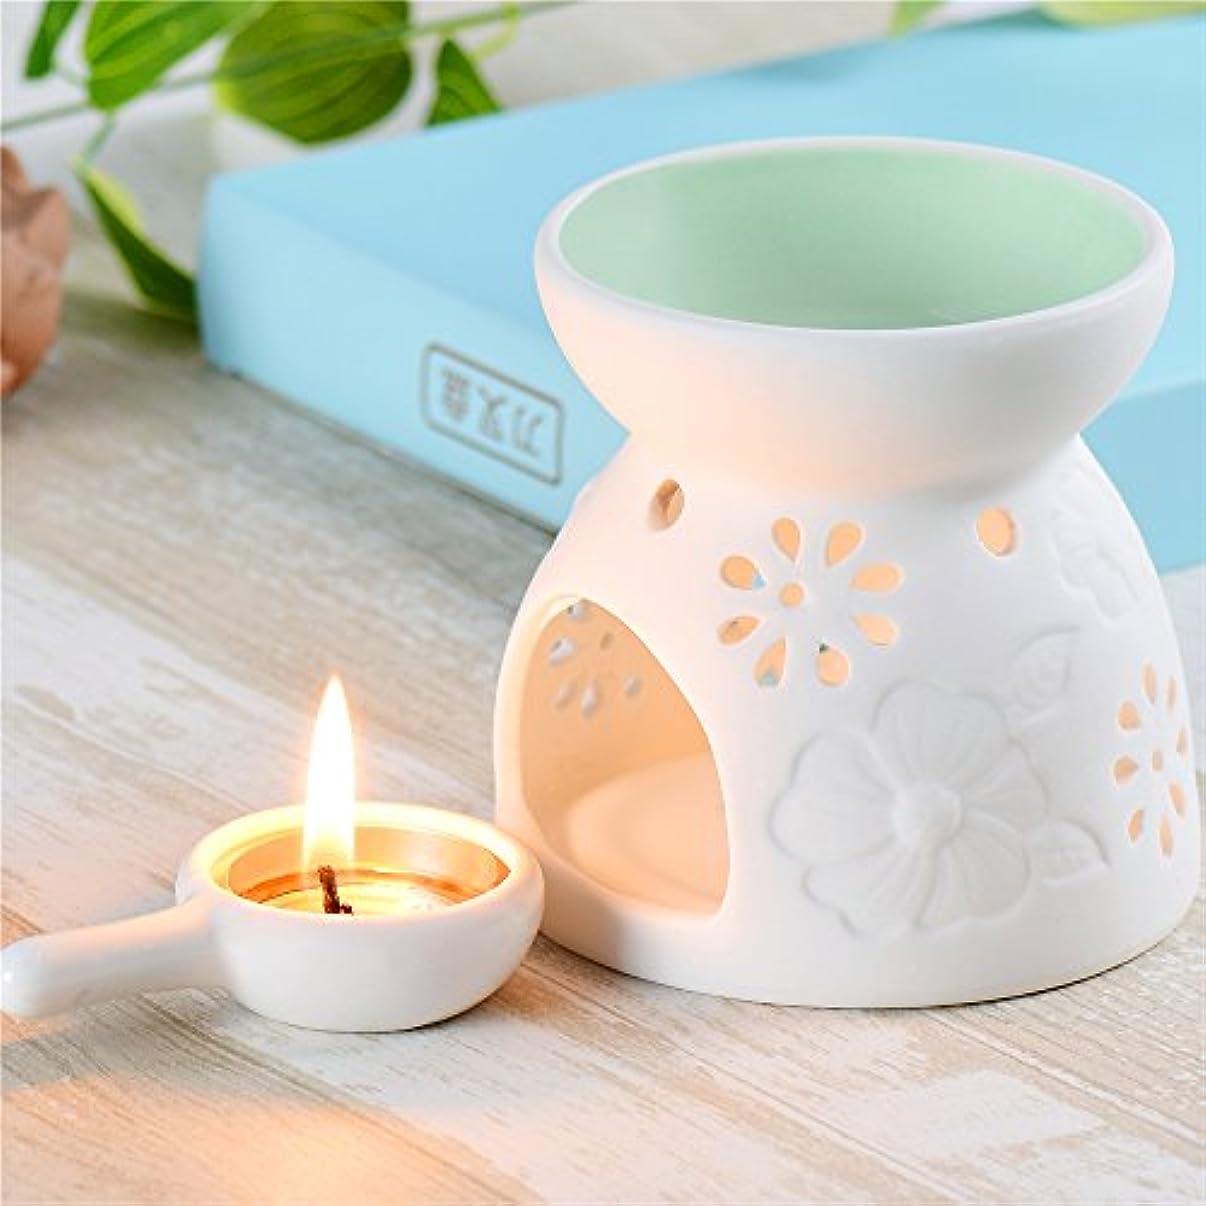 反対する不承認ワンダーセラミックEssential Oil Warmer : Great for瞑想、アロマセラピー – Fragrance Diffuser使用with Tea Lights – Ideal For Wedding Gifts...